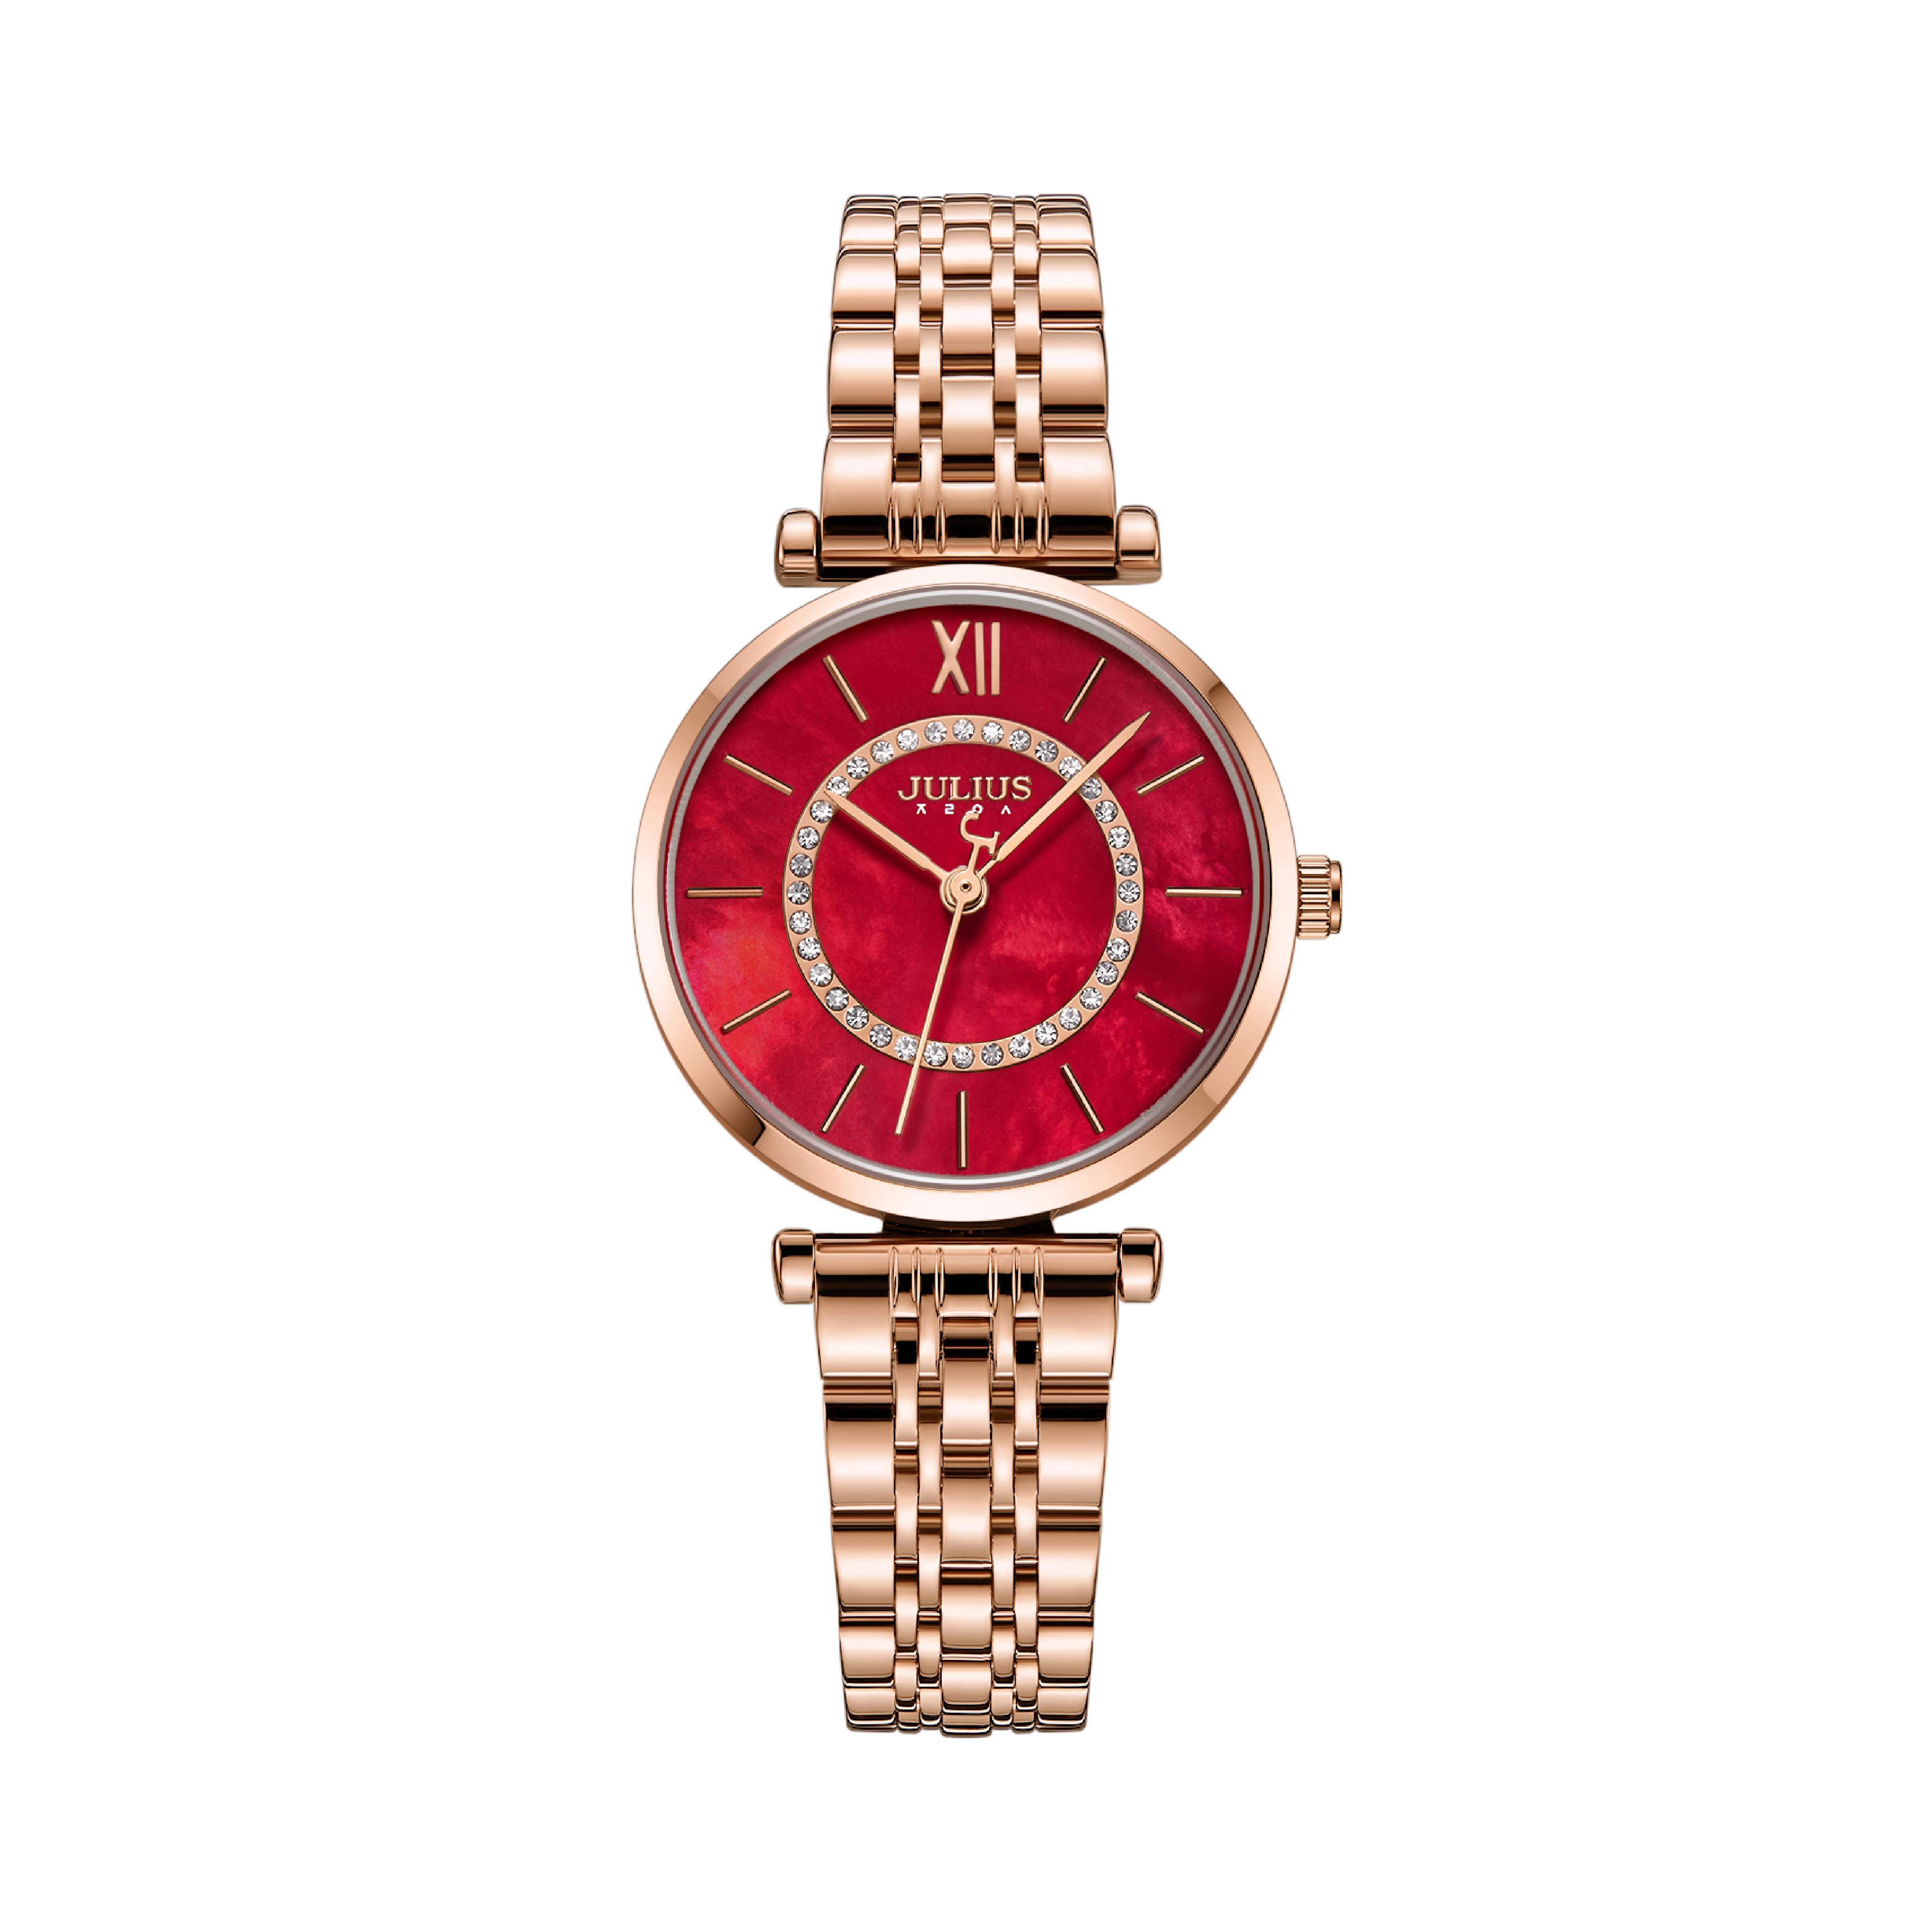 นาฬิกาข้อมือผู้หญิง JULIUS JA-1194 D